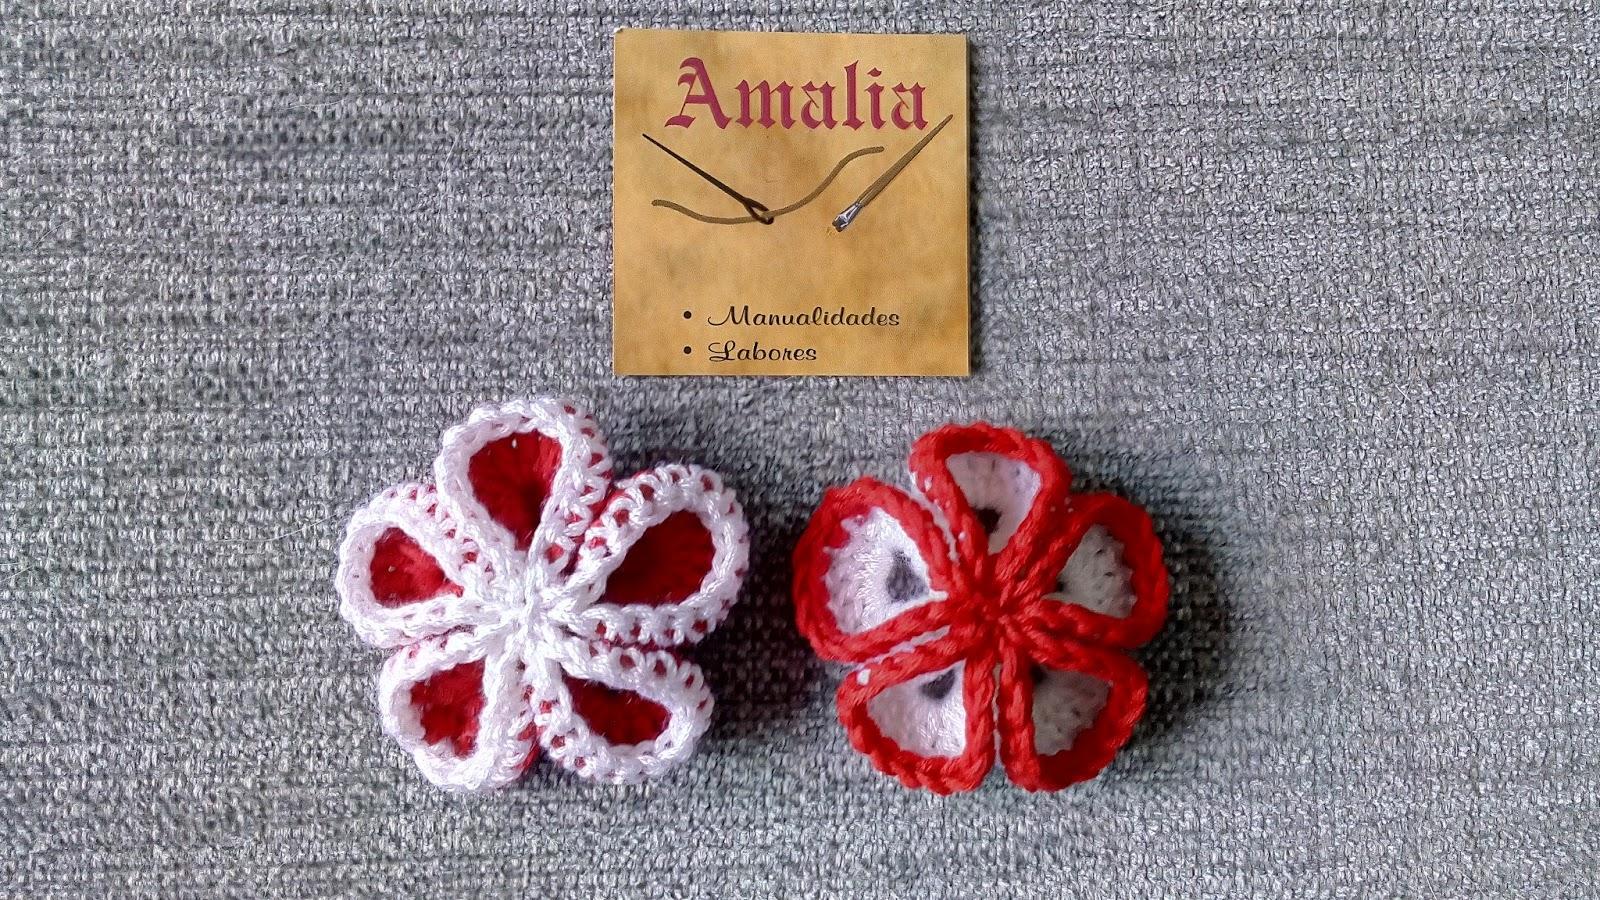 Manualidades y Labores Amalia: Flor 3D Crochet fácil